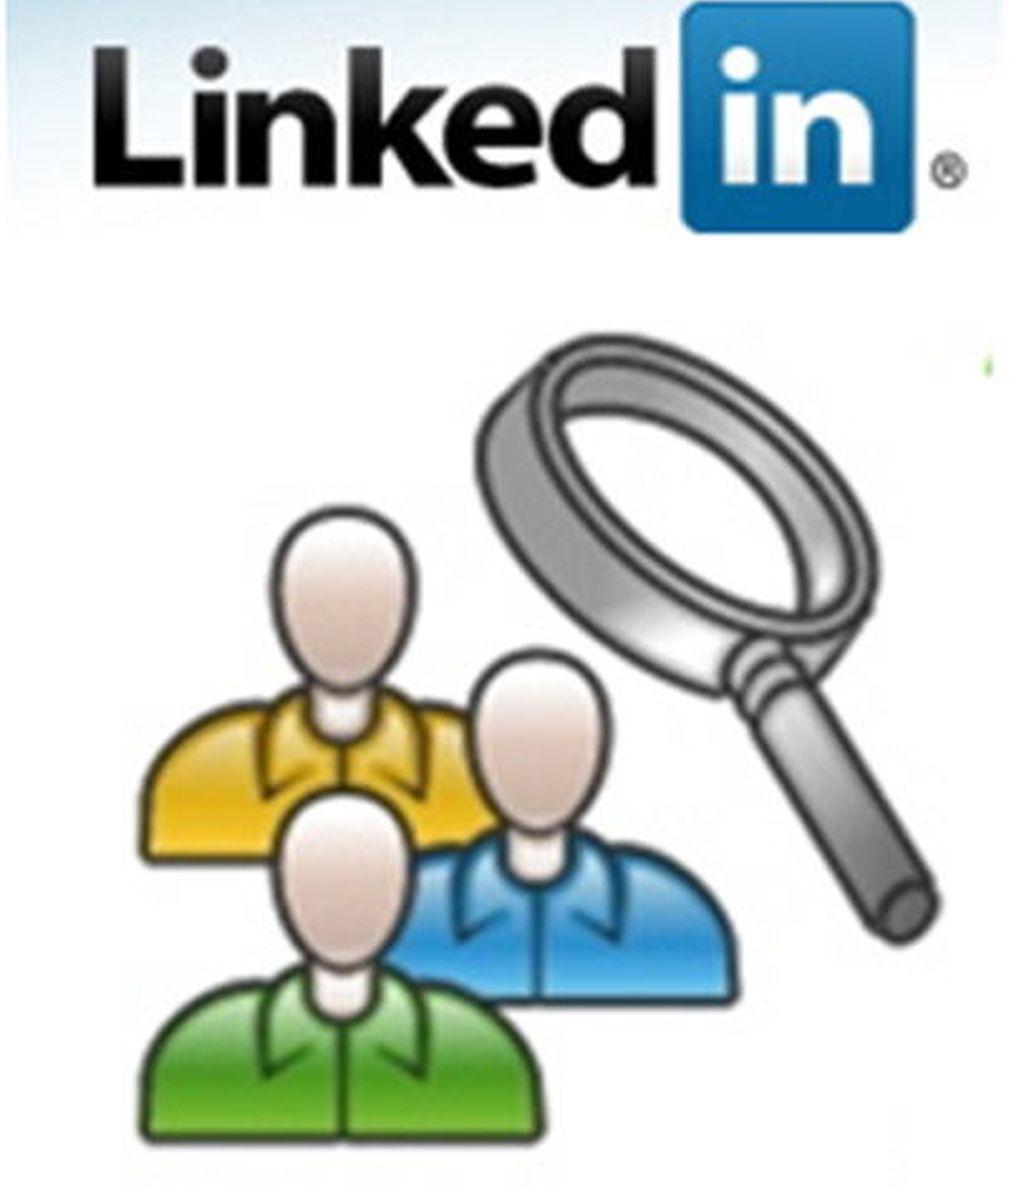 Una vez publicado cualquier tipo de comentario, noticia, anuncio o vídeo, se podrá comentar esa publicación, compartirla o hacer clic en el botón 'Me gusta', al igual que en Facebook.